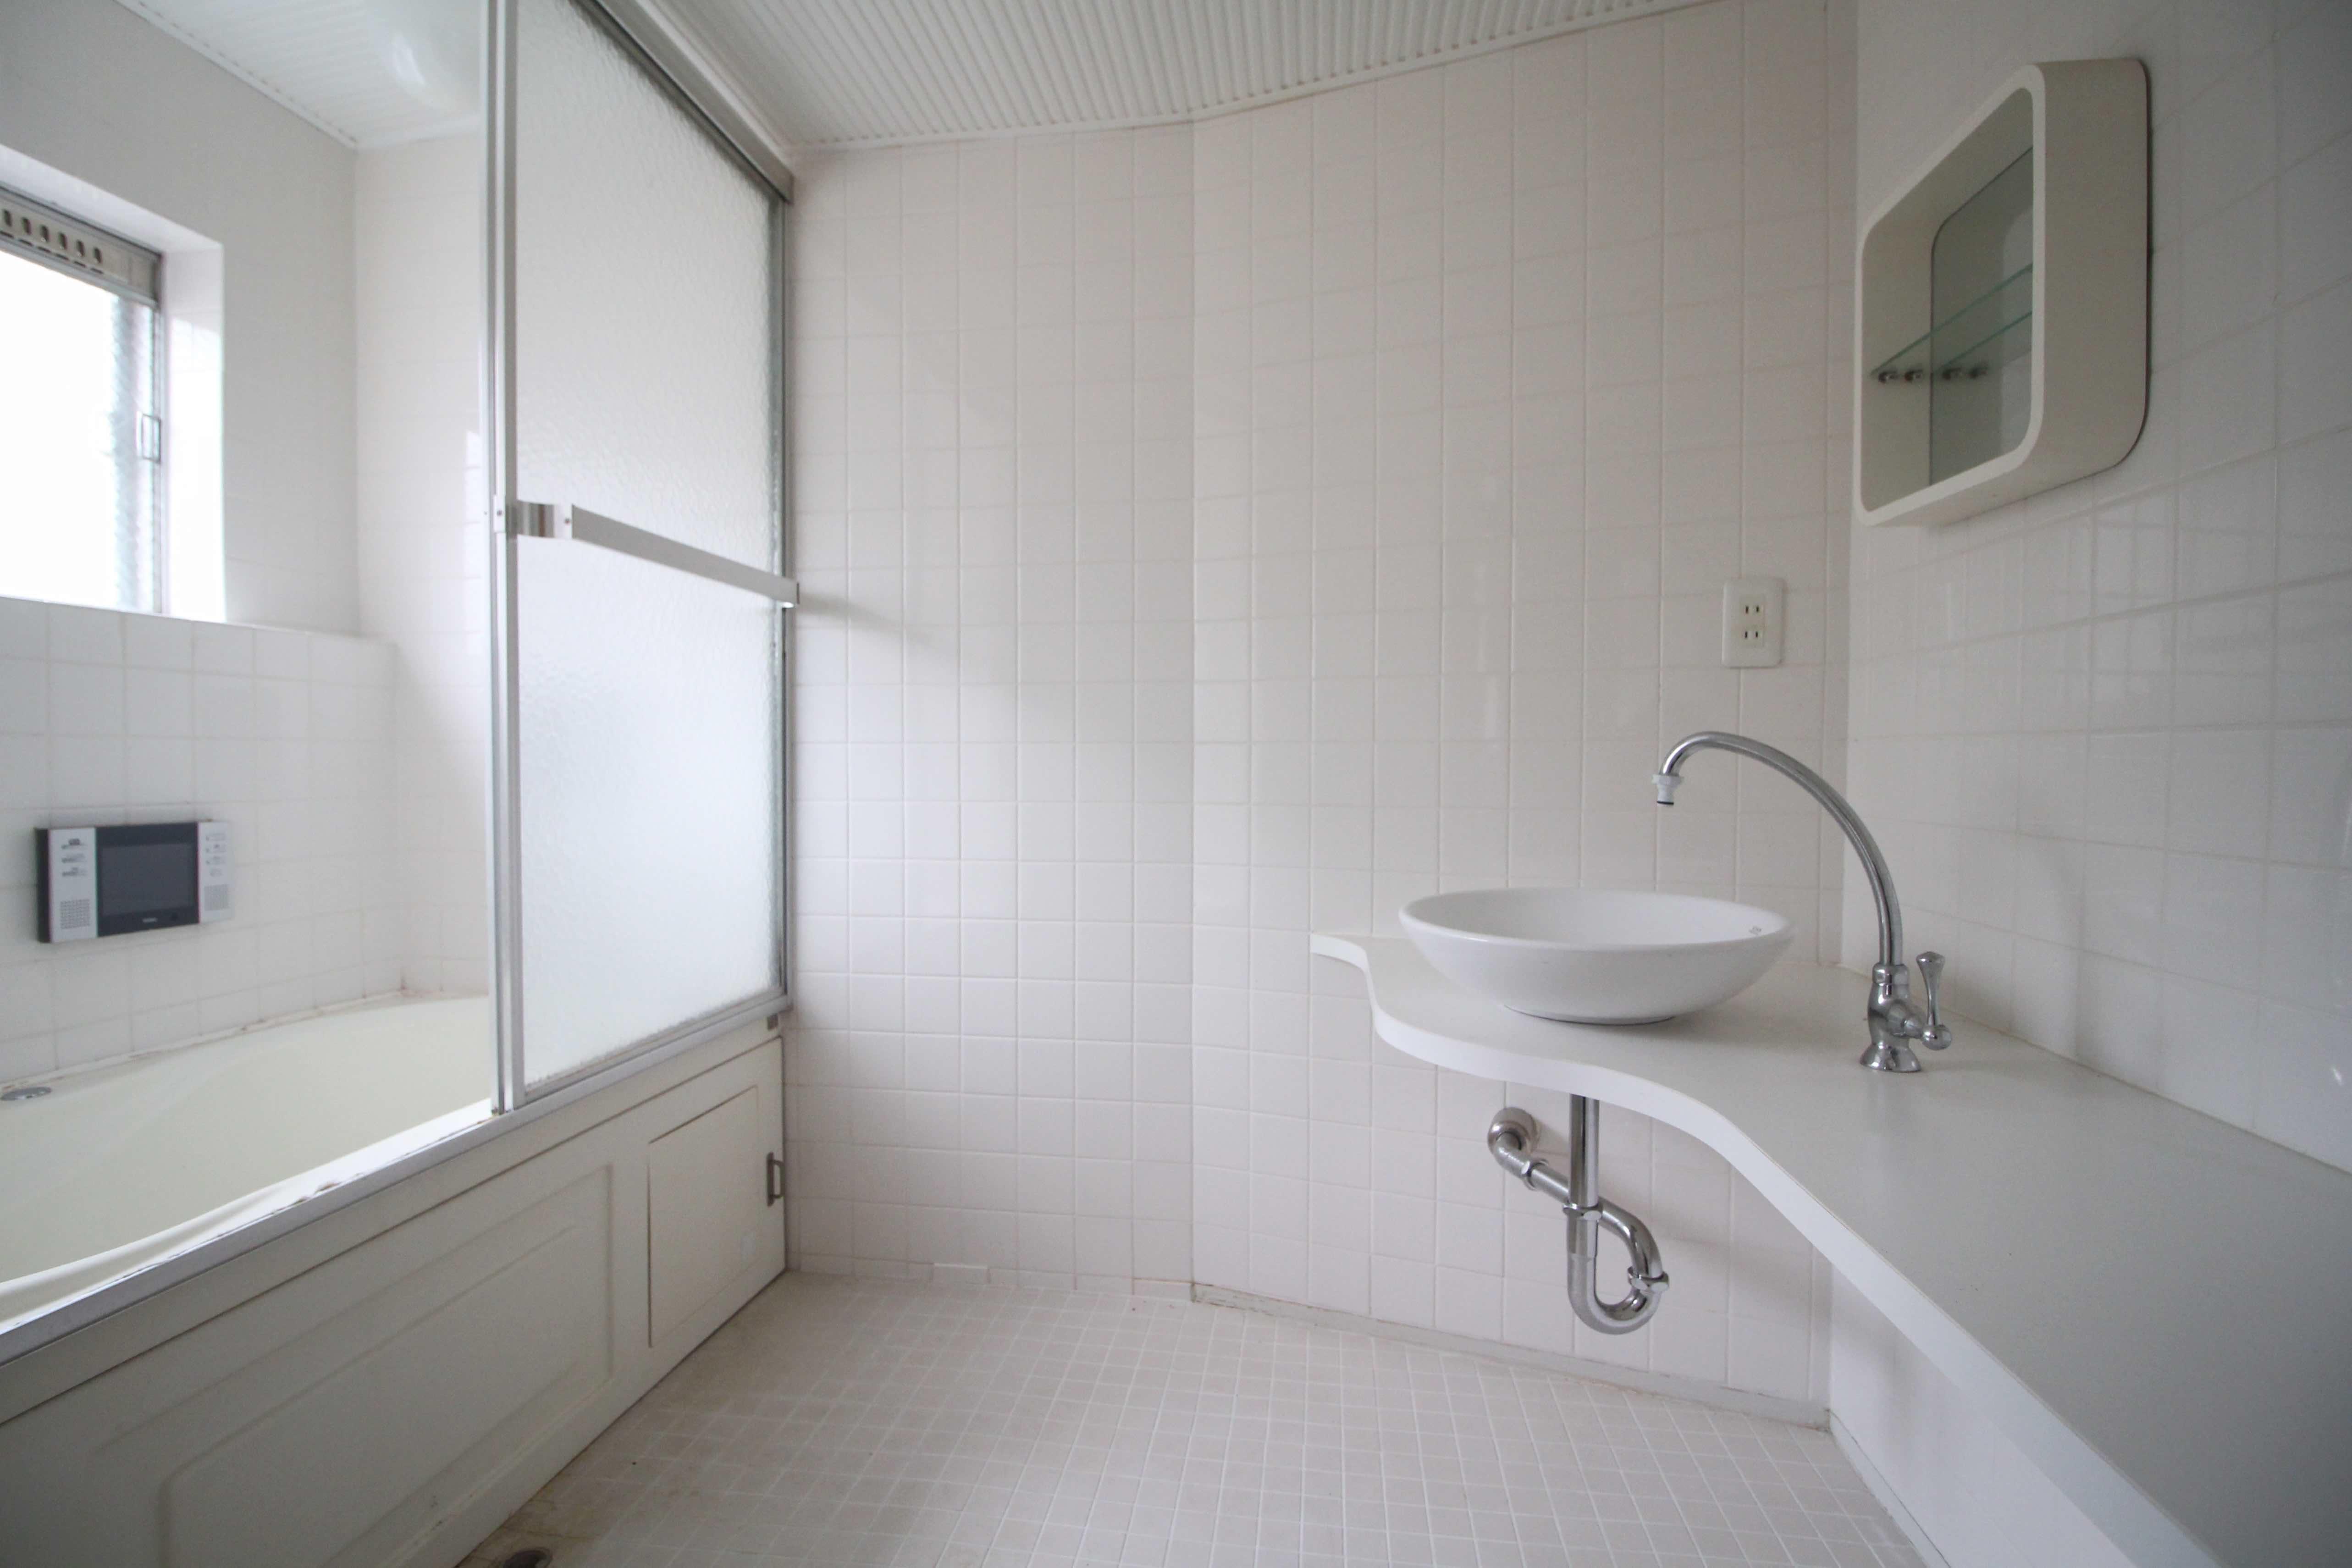 海外のアパルトマンにありそうなタイル貼りの風呂・洗面